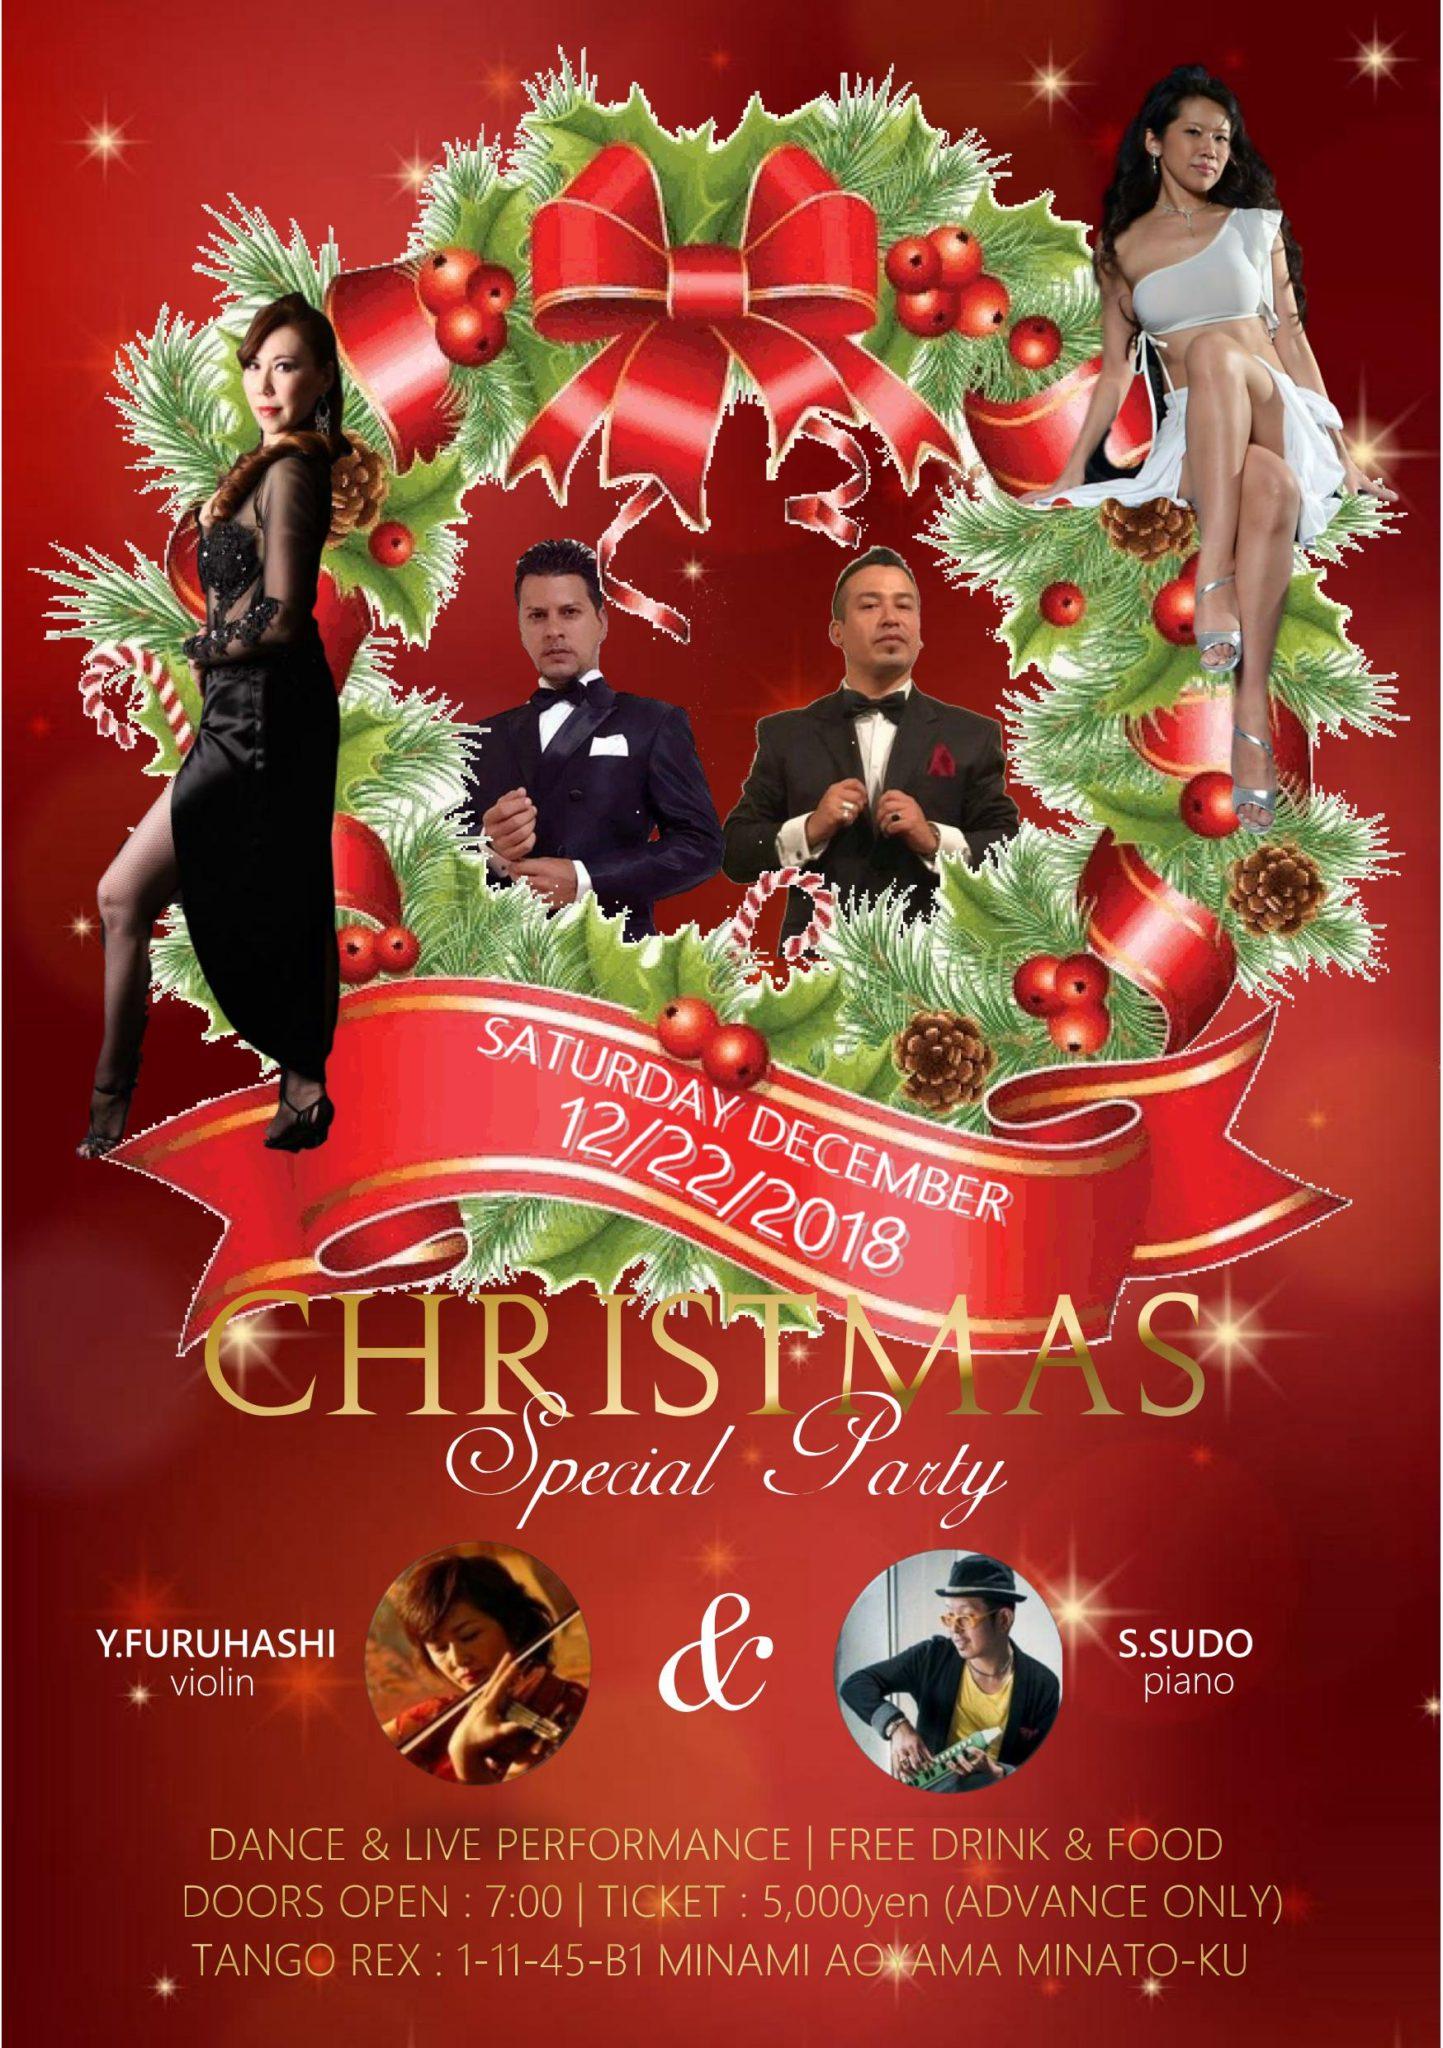 【12月22日】クリスマススペシャルパーティを開催致します!!